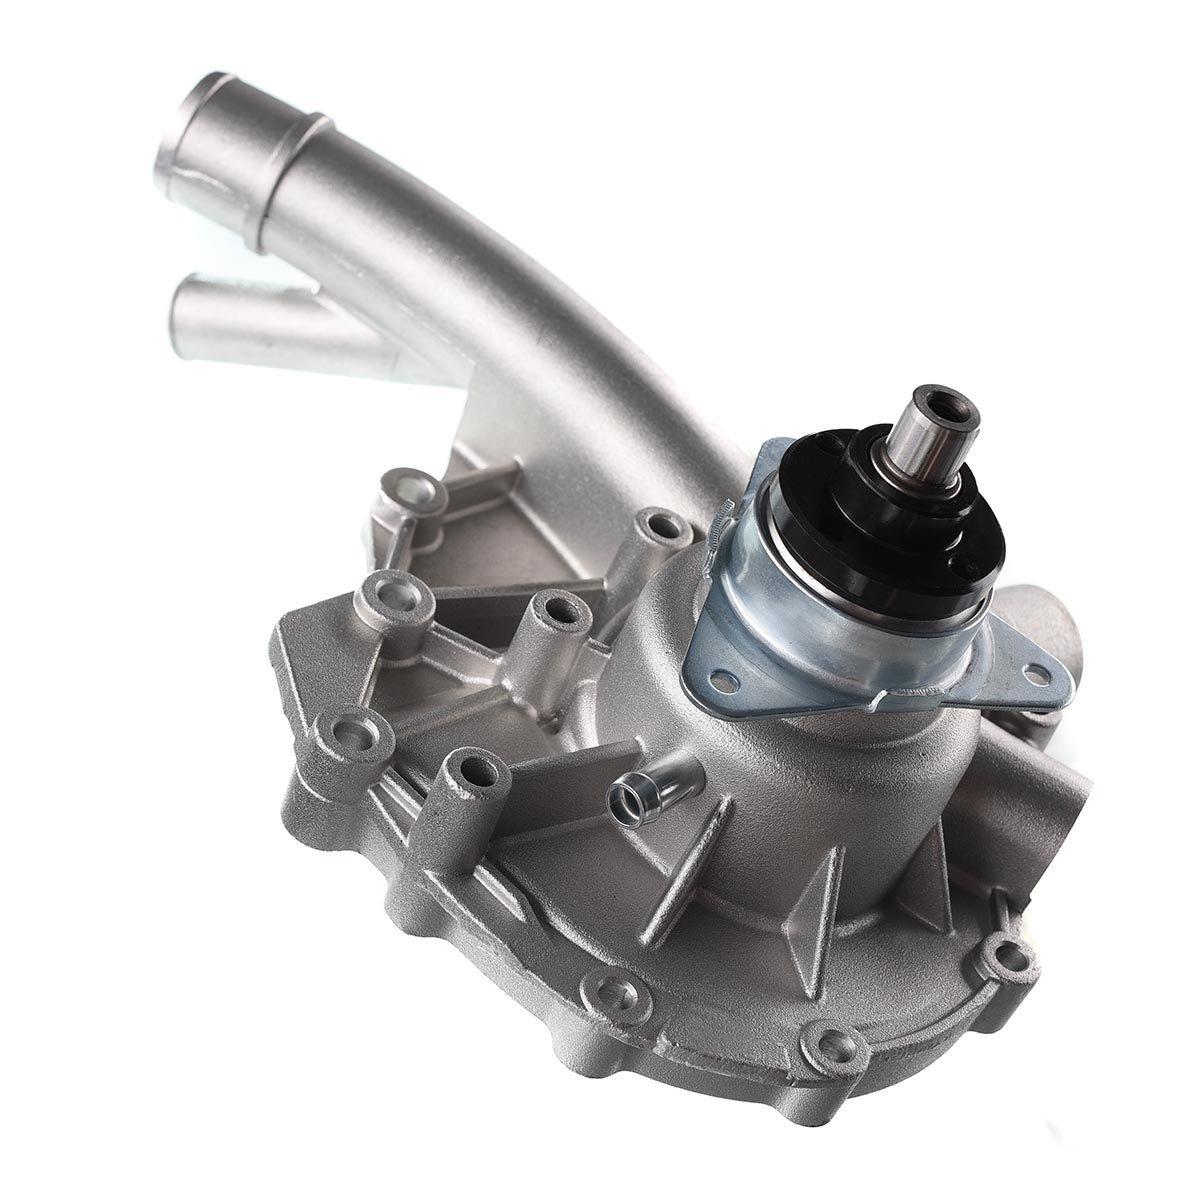 /1993//08 Pompa acqua per W201/C124/S124/W124/a partire dal 1984//04/